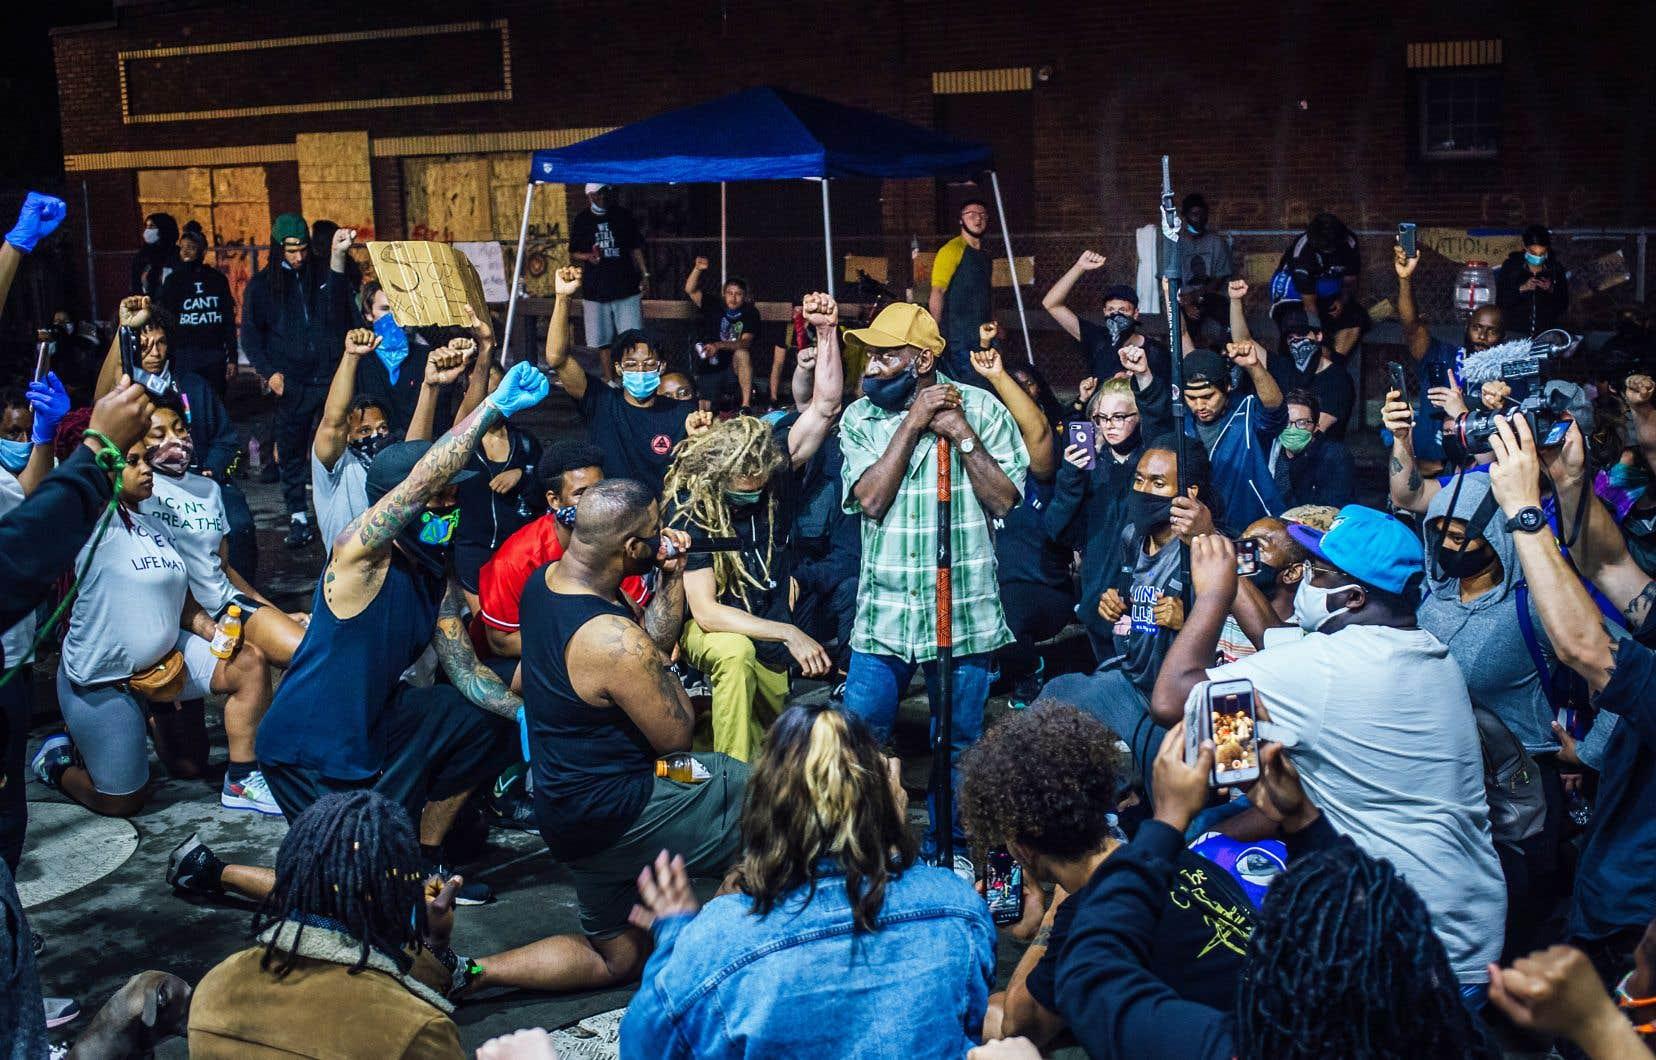 Au coin de la 38e et de Chicago Avenue, où George Floyd a été tué, est devenu un lieu où se succèdent les réunions, les manifestations et les discours. Malgré le couvre-feu, fixé jusqu'à mercredi à 22 h, une petite communauté occupe les lieux nuit et jour.